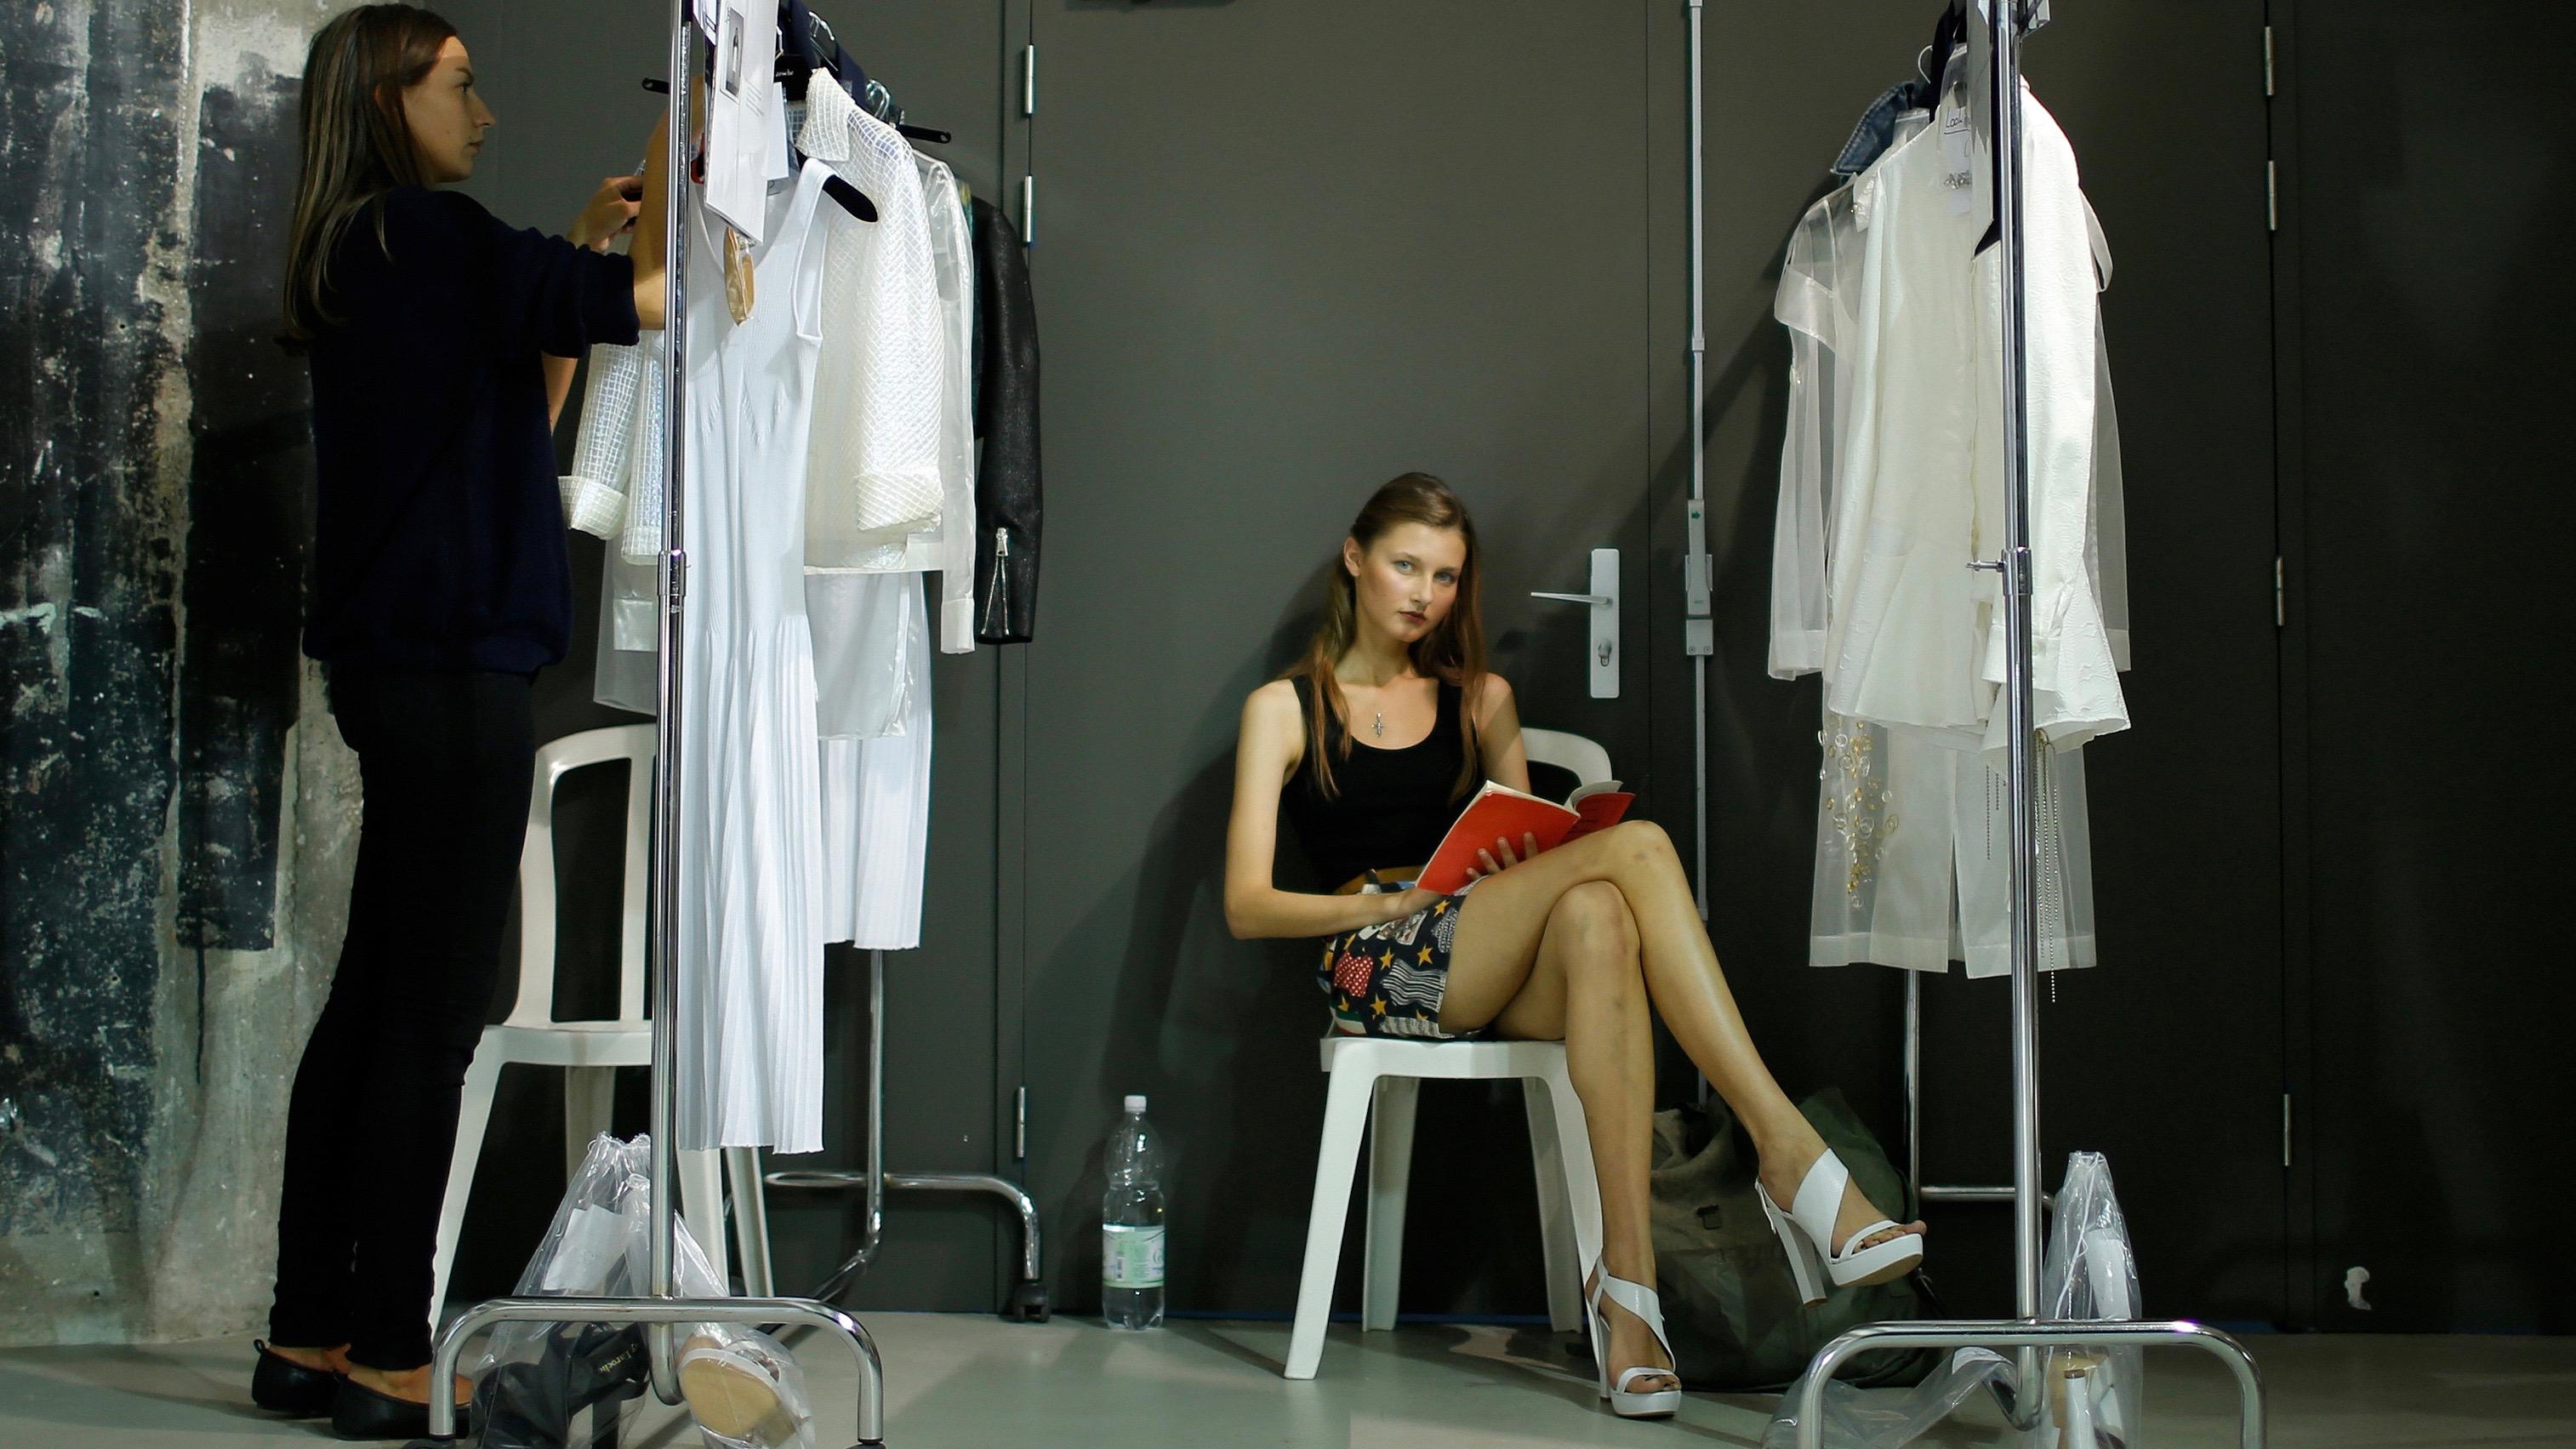 Reading backstage during Fashion Week in Paris.